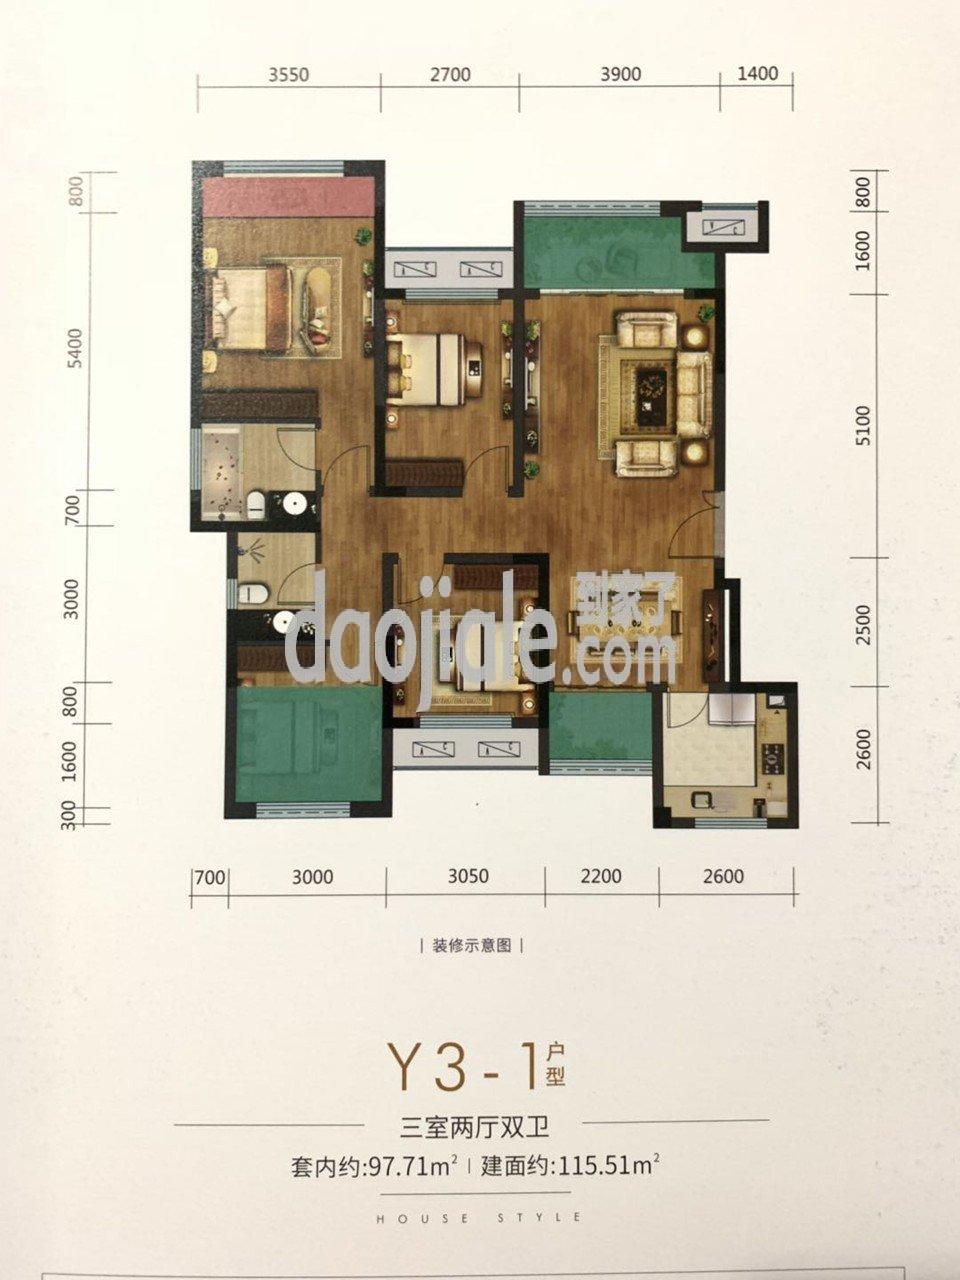 南岸区茶园新区金科博翠园新房Y3-1户型户型图